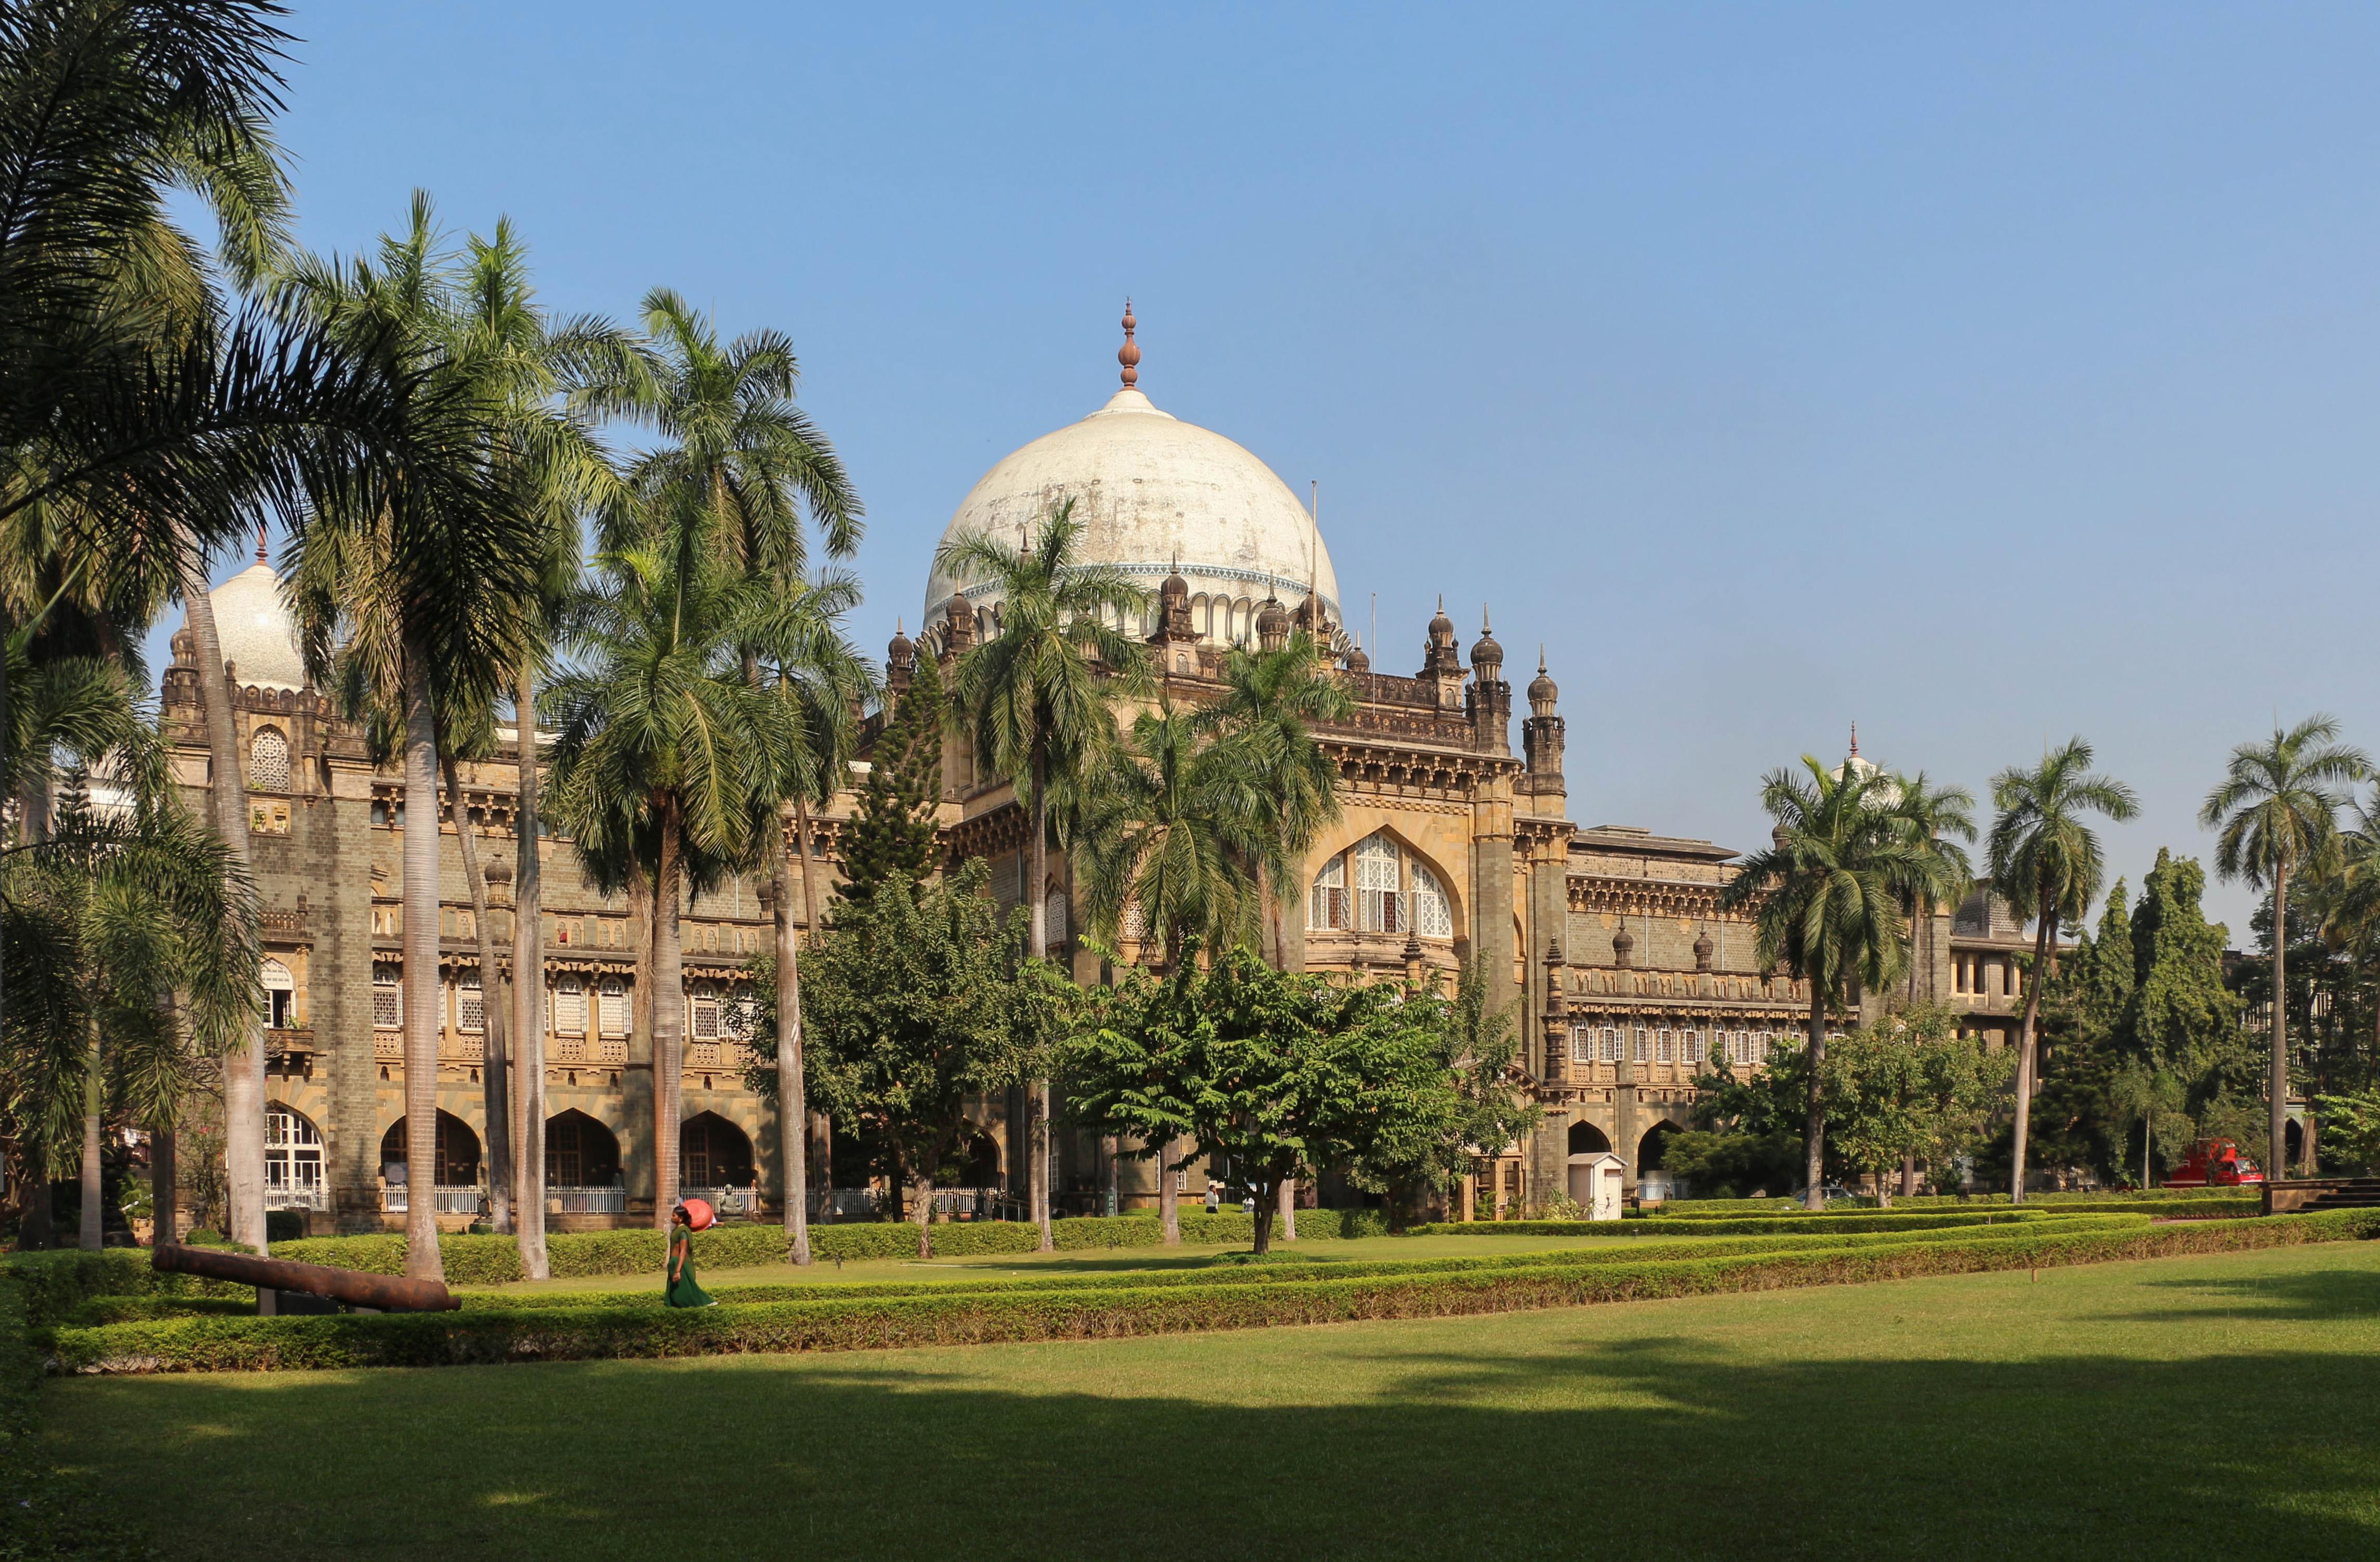 Chhatrapati Shivaji Museum